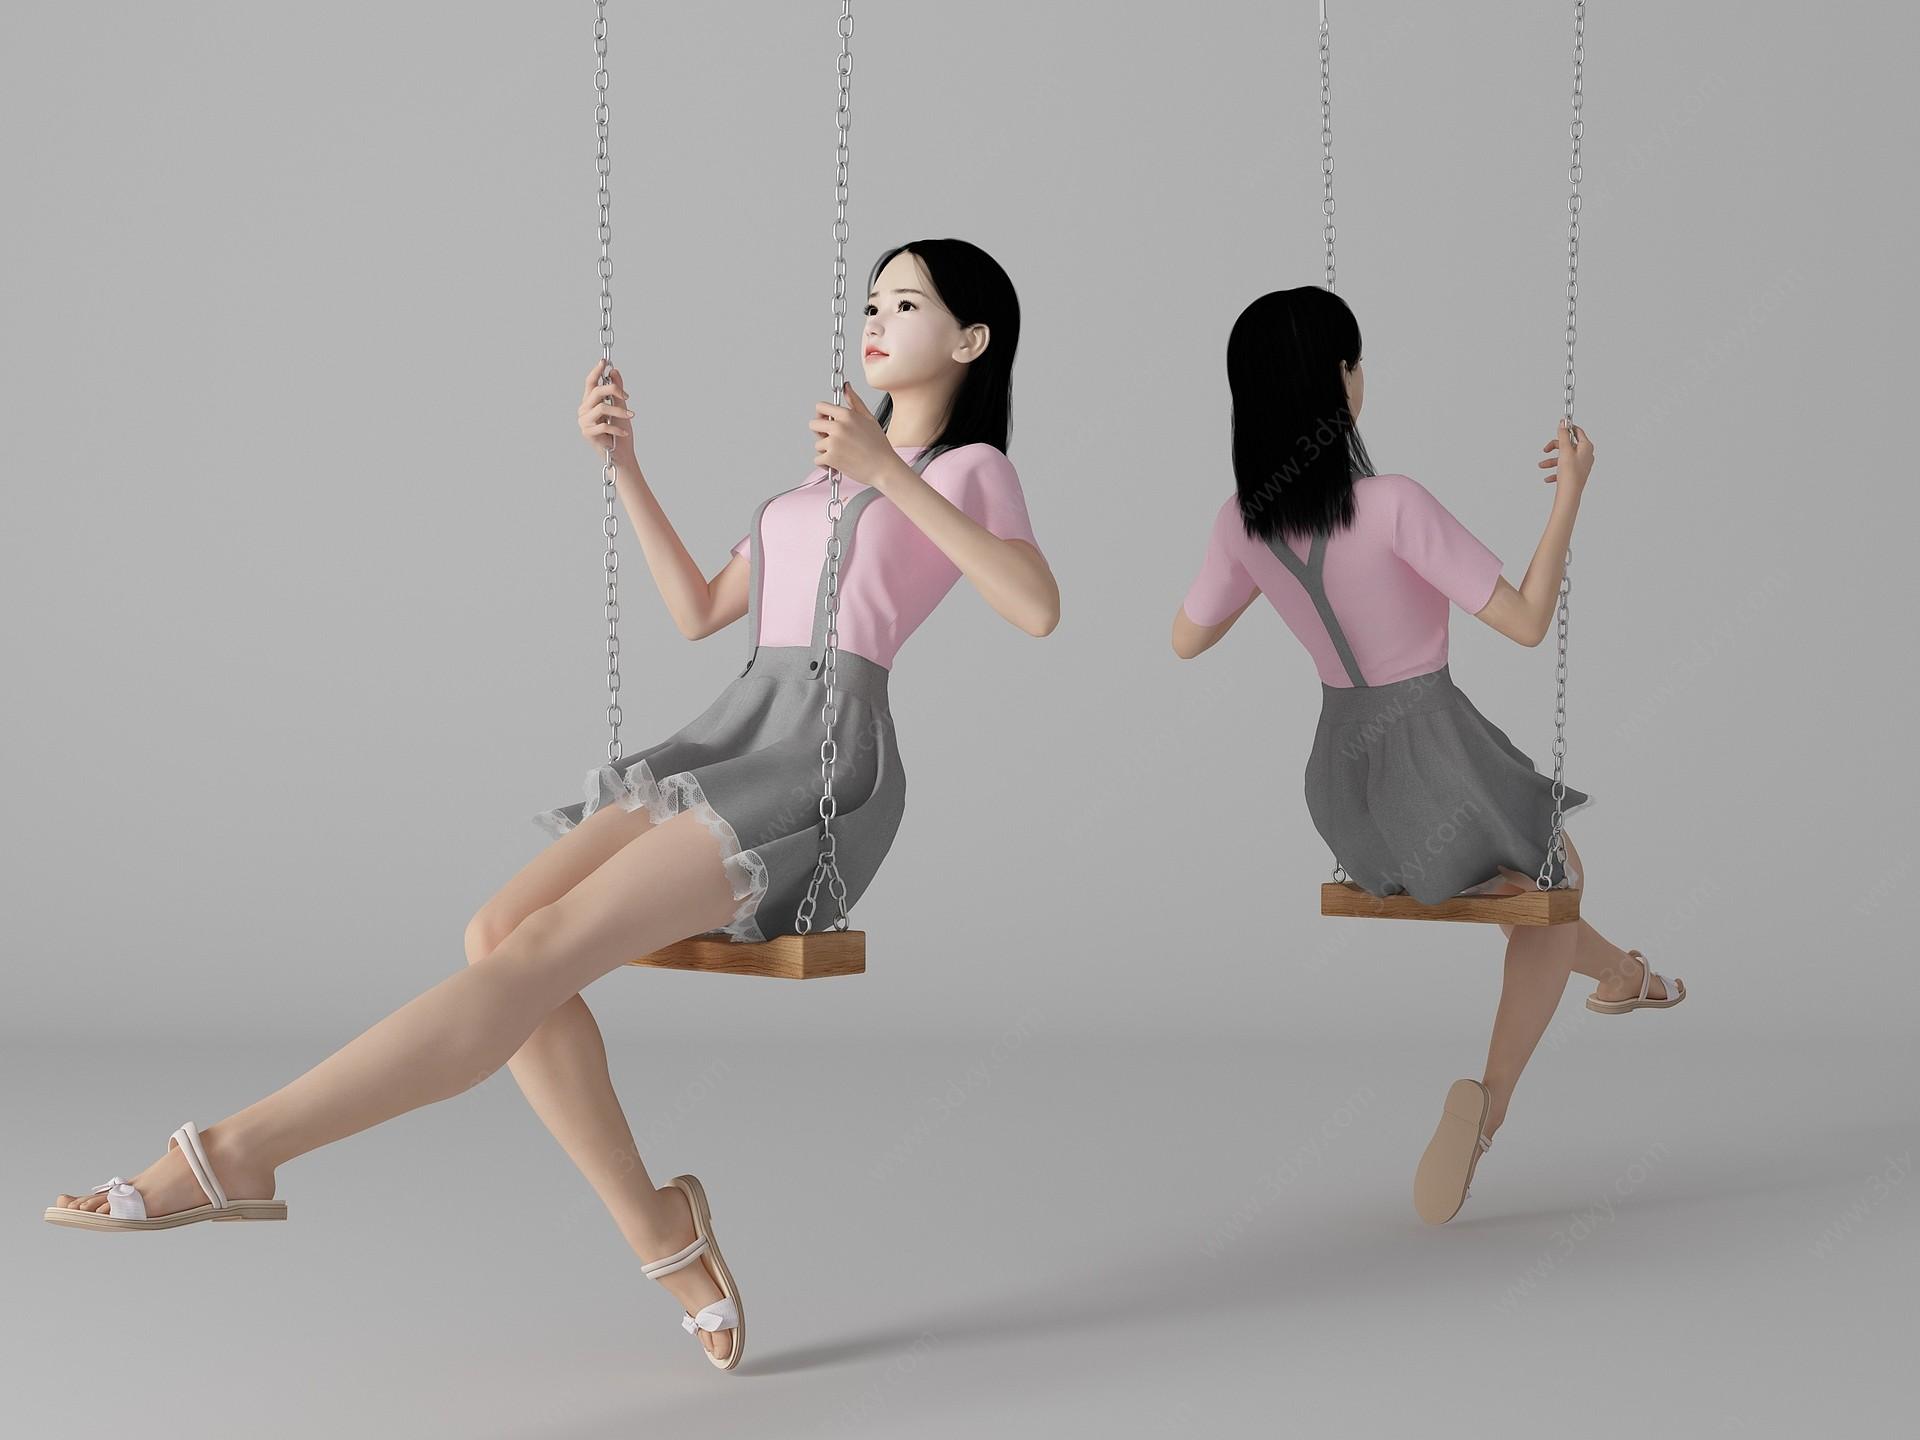 現代風格秋千美女人物3D模型